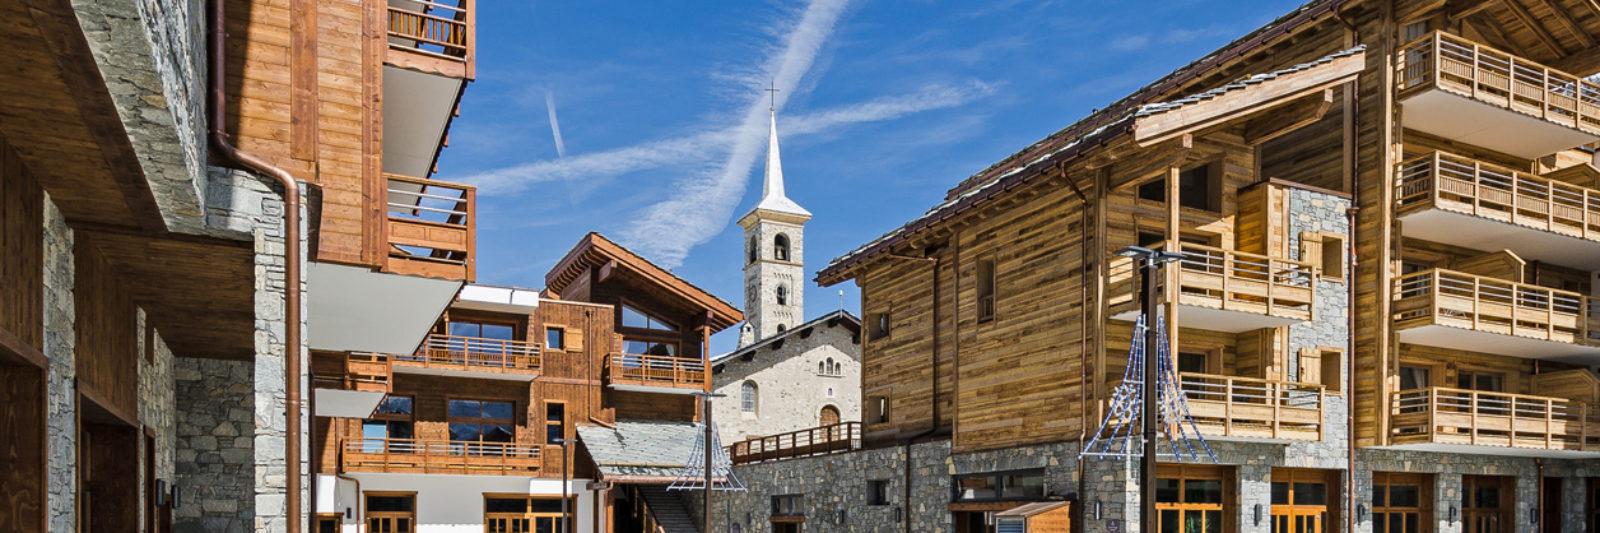 Station de ski pour famille, groupes d'amis, sportifs